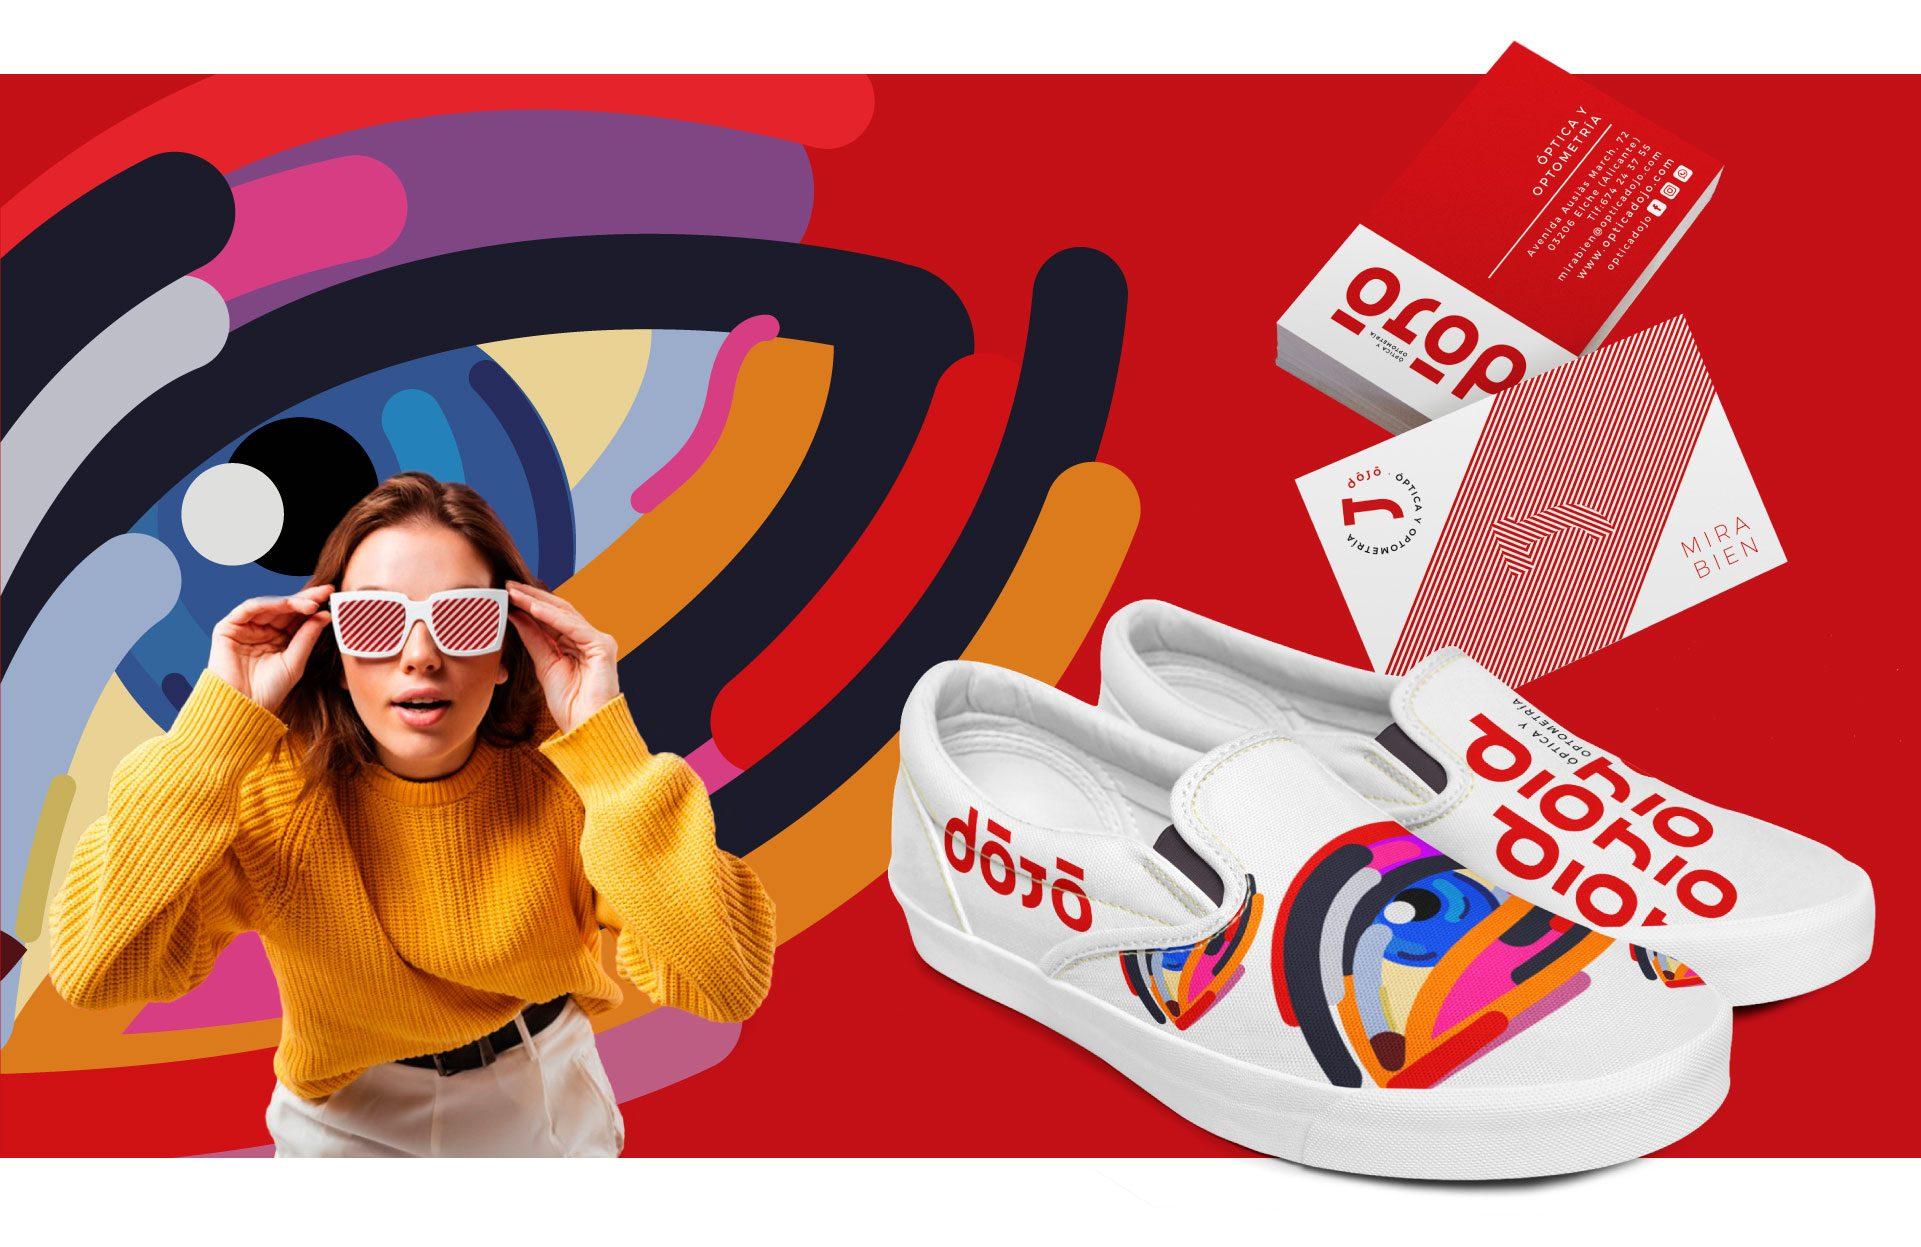 behind identidad marca estrategia dojo 5